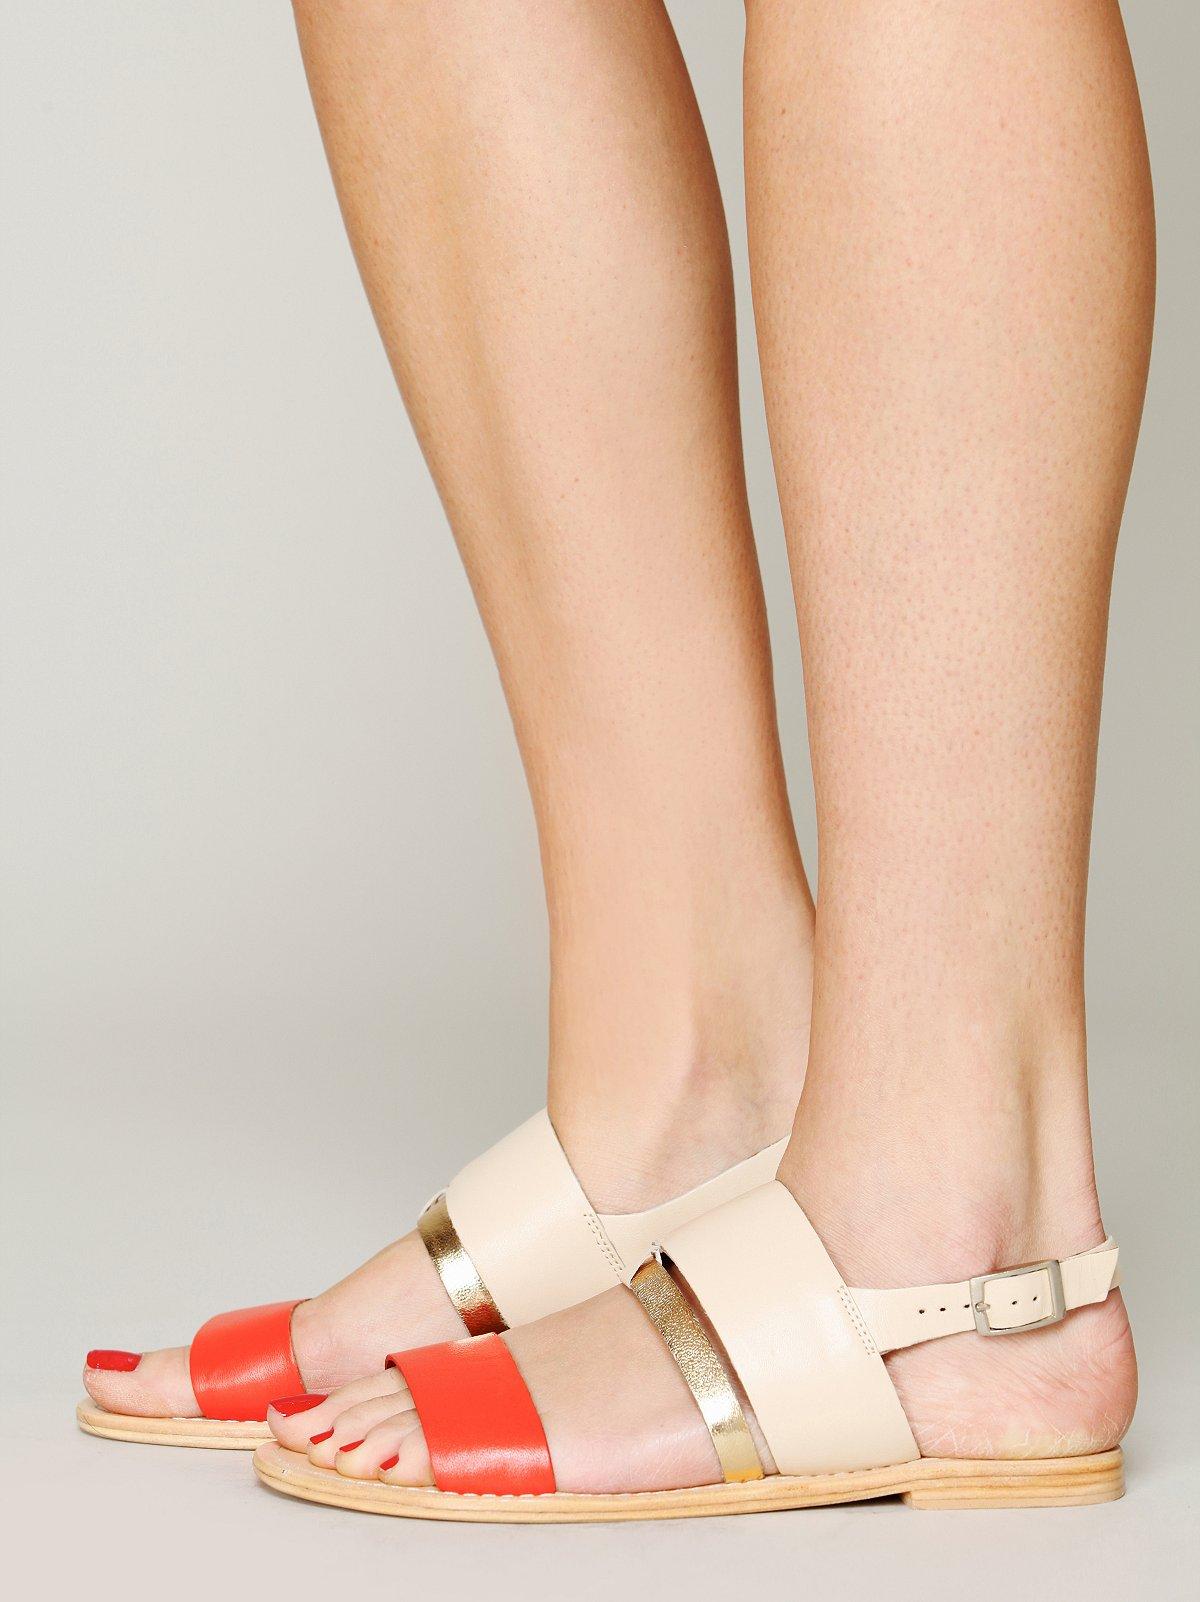 Ainslie Sandal